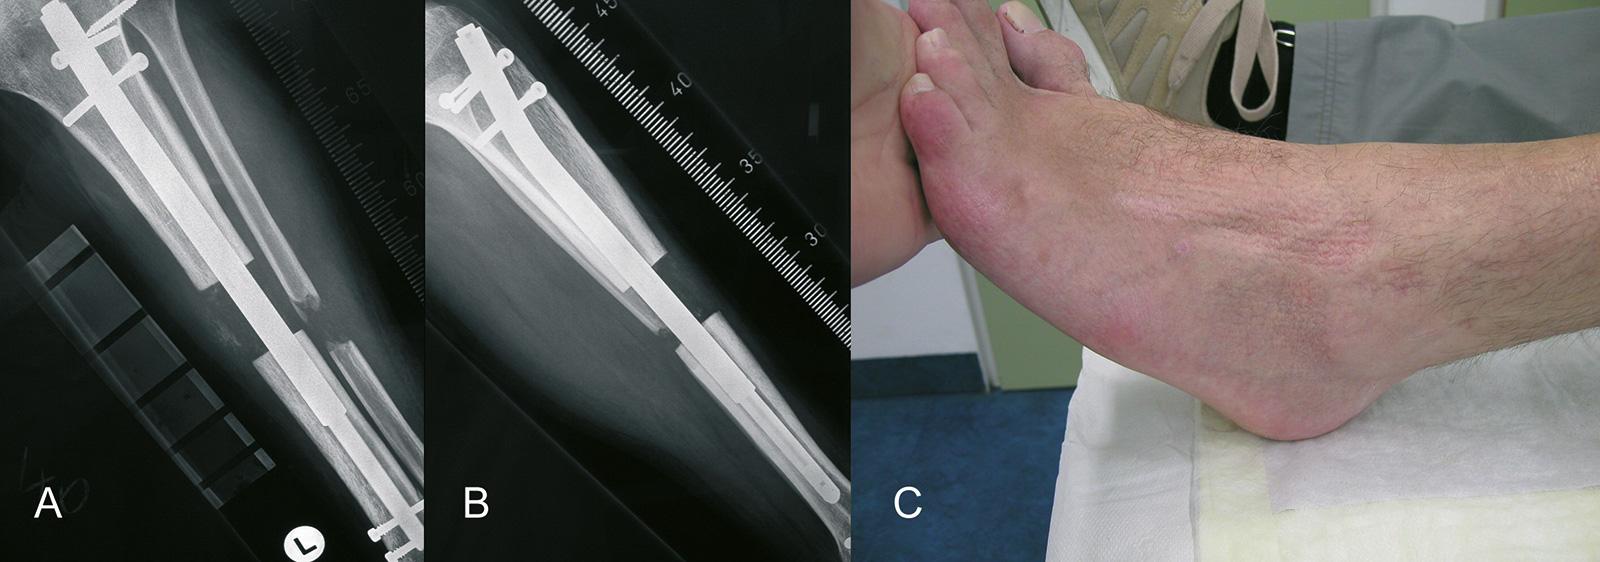 Abb. 4-37: Beinverlängerung mit einem Tibiaverlängerungsnagel (A-B). Die Tibiaverlängerung kann zu einem Spitzfuß führen (C)